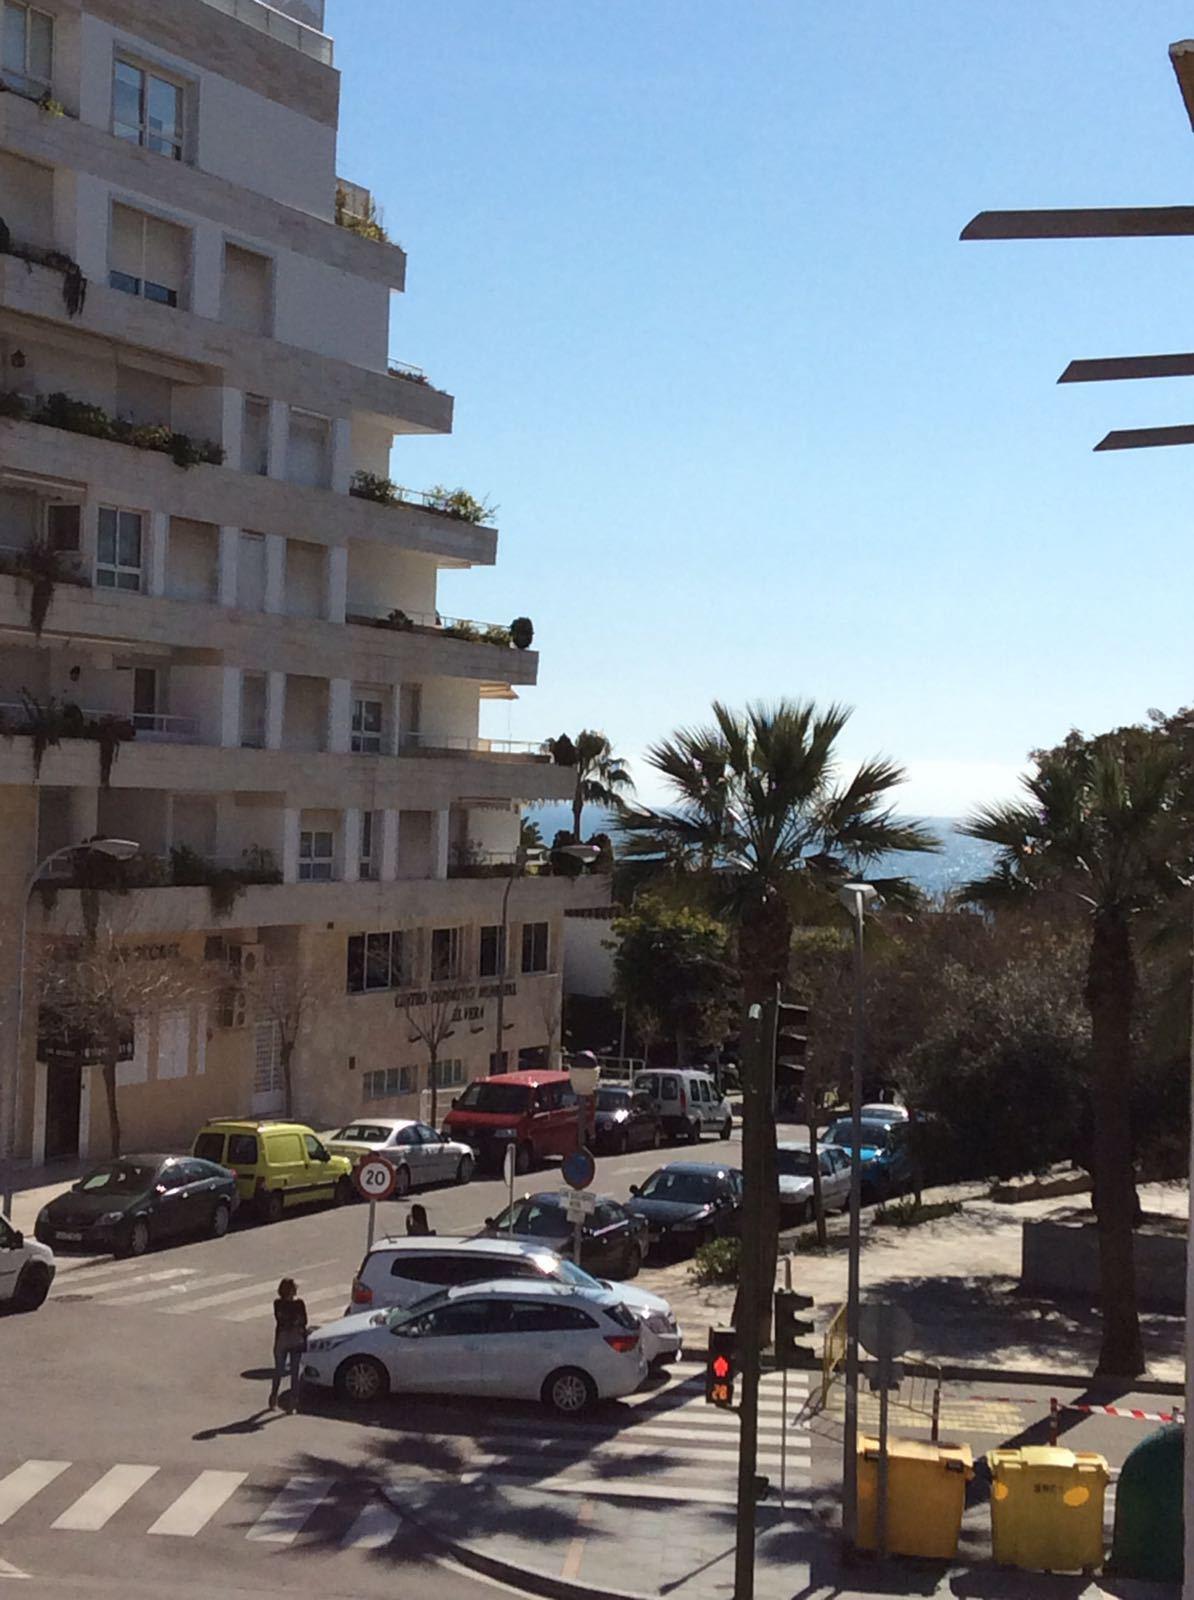 Estupenda casa en zona muy centrica de Marbella la casa tiene unos 143m2 divididos en 4 dormitorios ,Spain